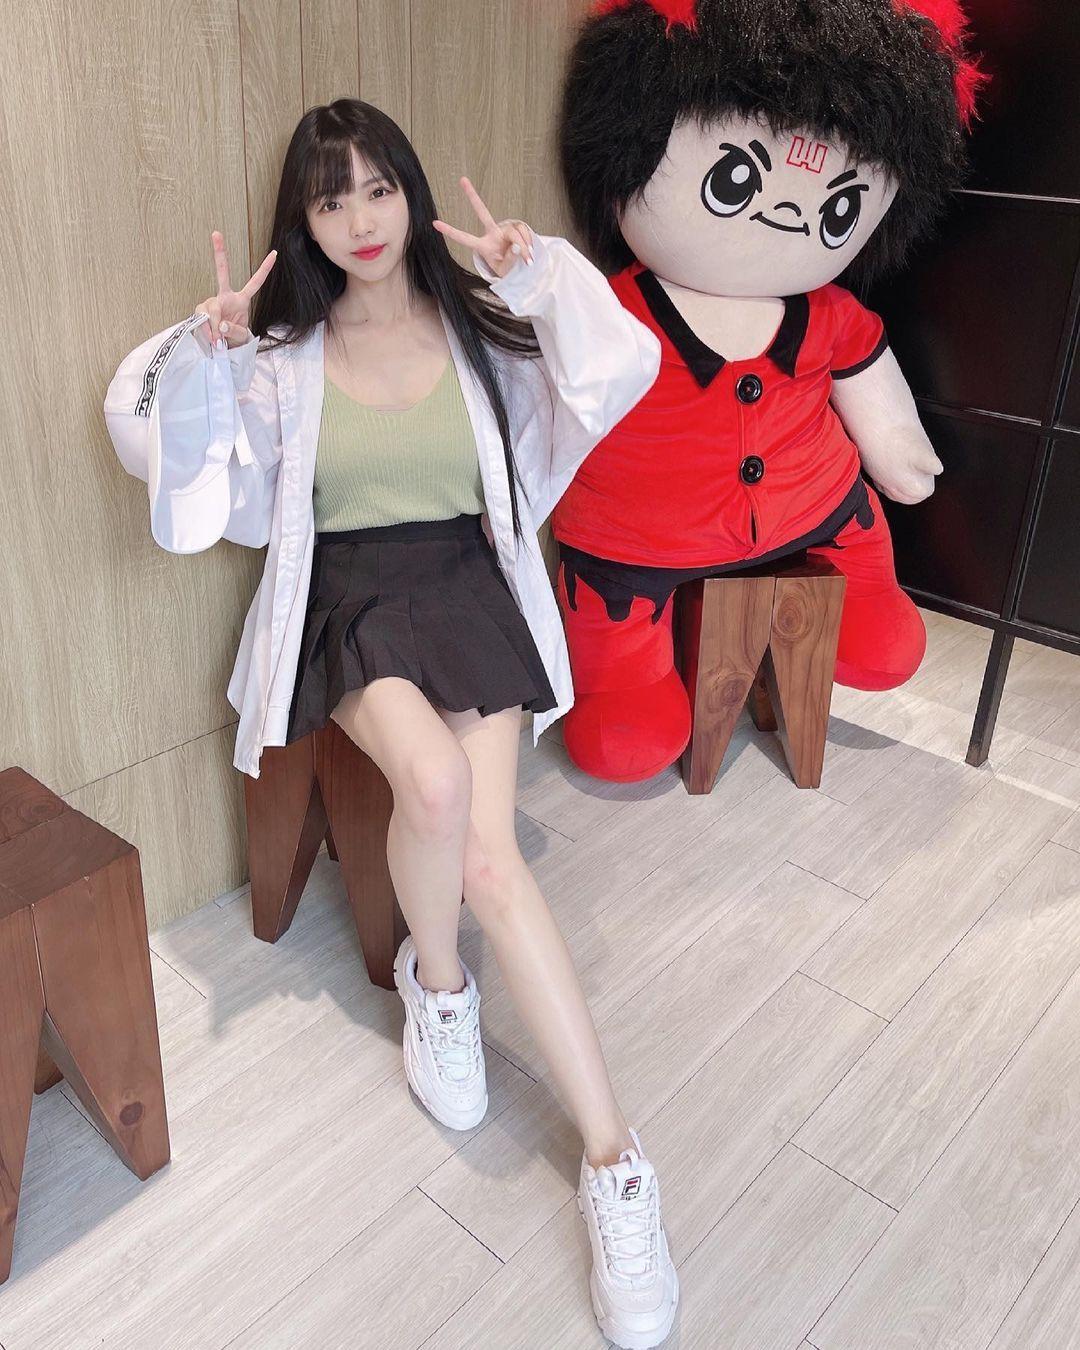 清新可爱的「软萌系美女」赵兔兔,性感旗袍小露,粉丝看到受不了. 养眼图片 第26张